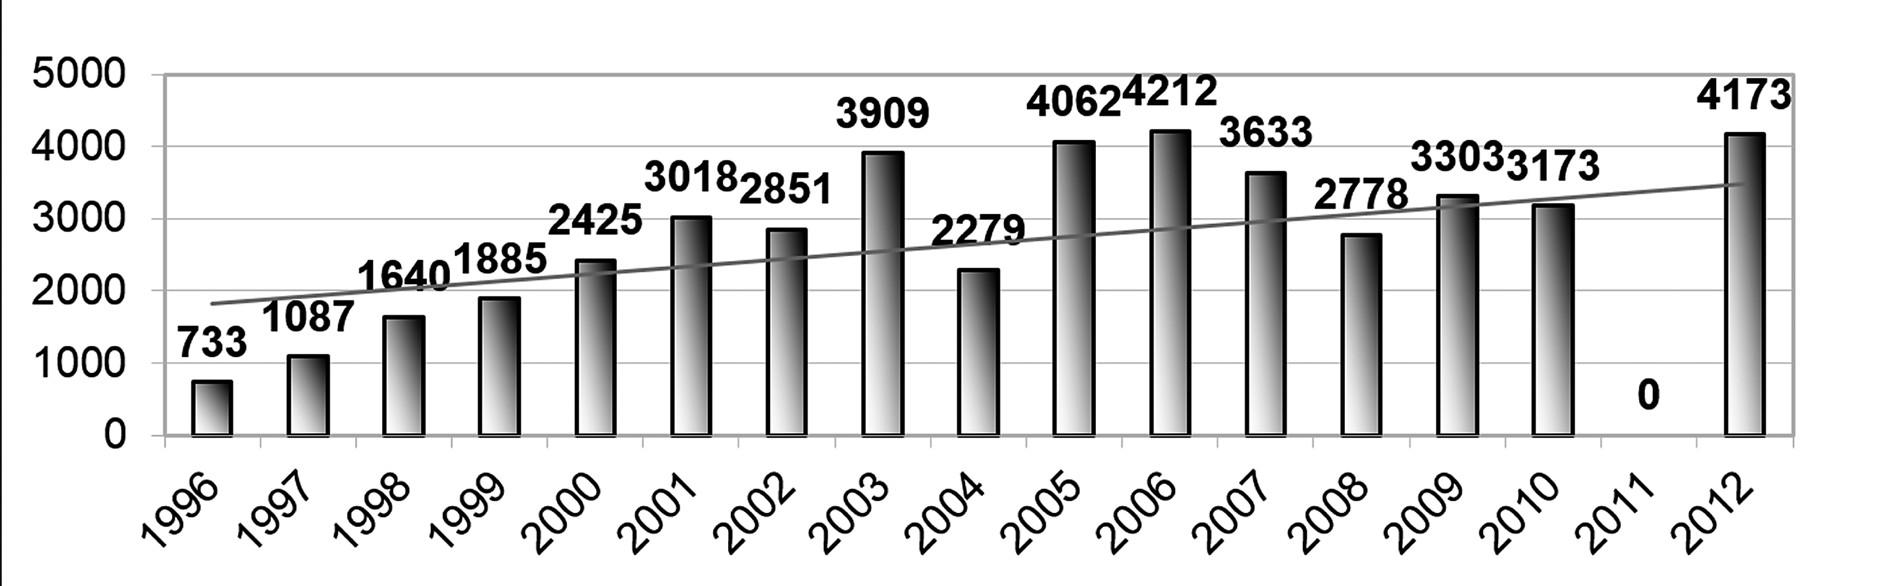 Počty LAVH – vývoj v letech 1996 až 2012